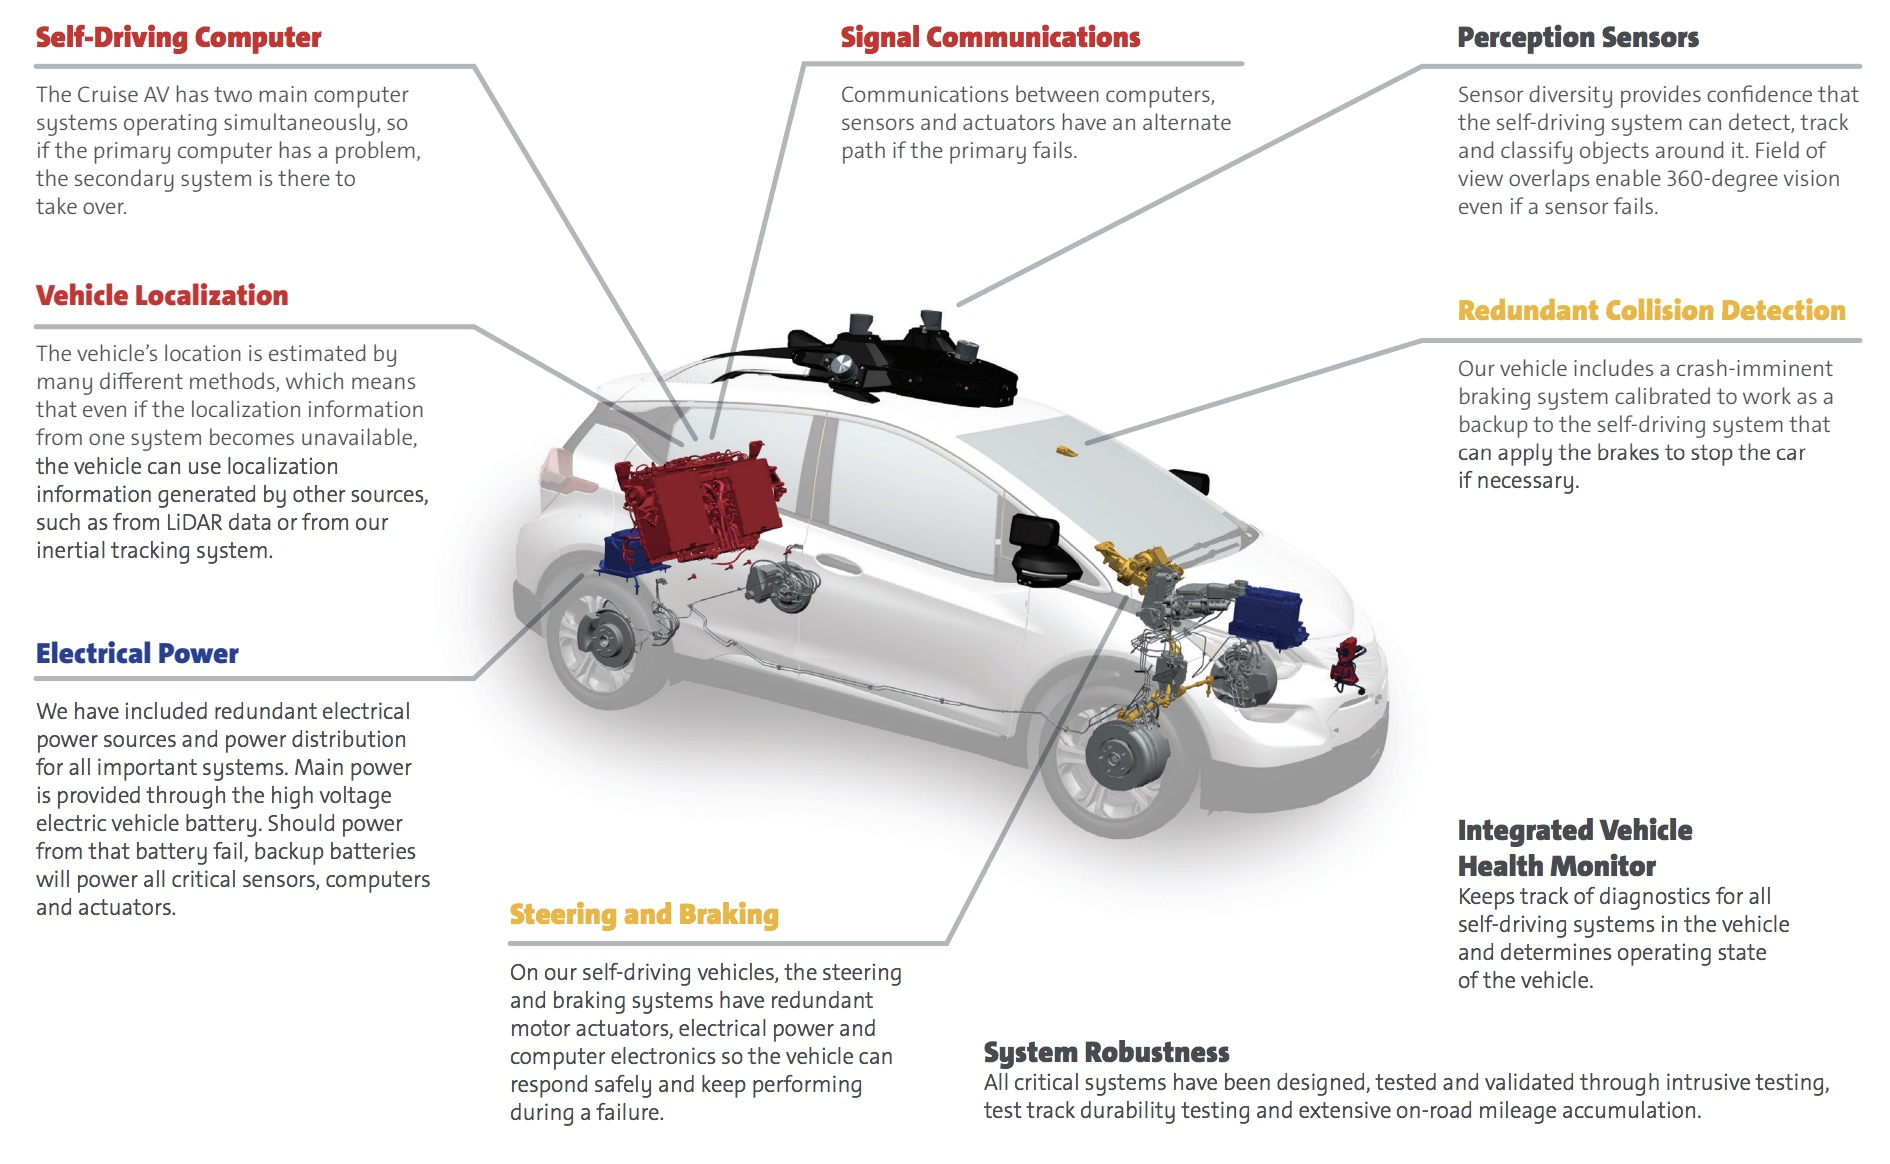 Gm Unveils Autonomous Bolt Ev Without Steering Wheel Or